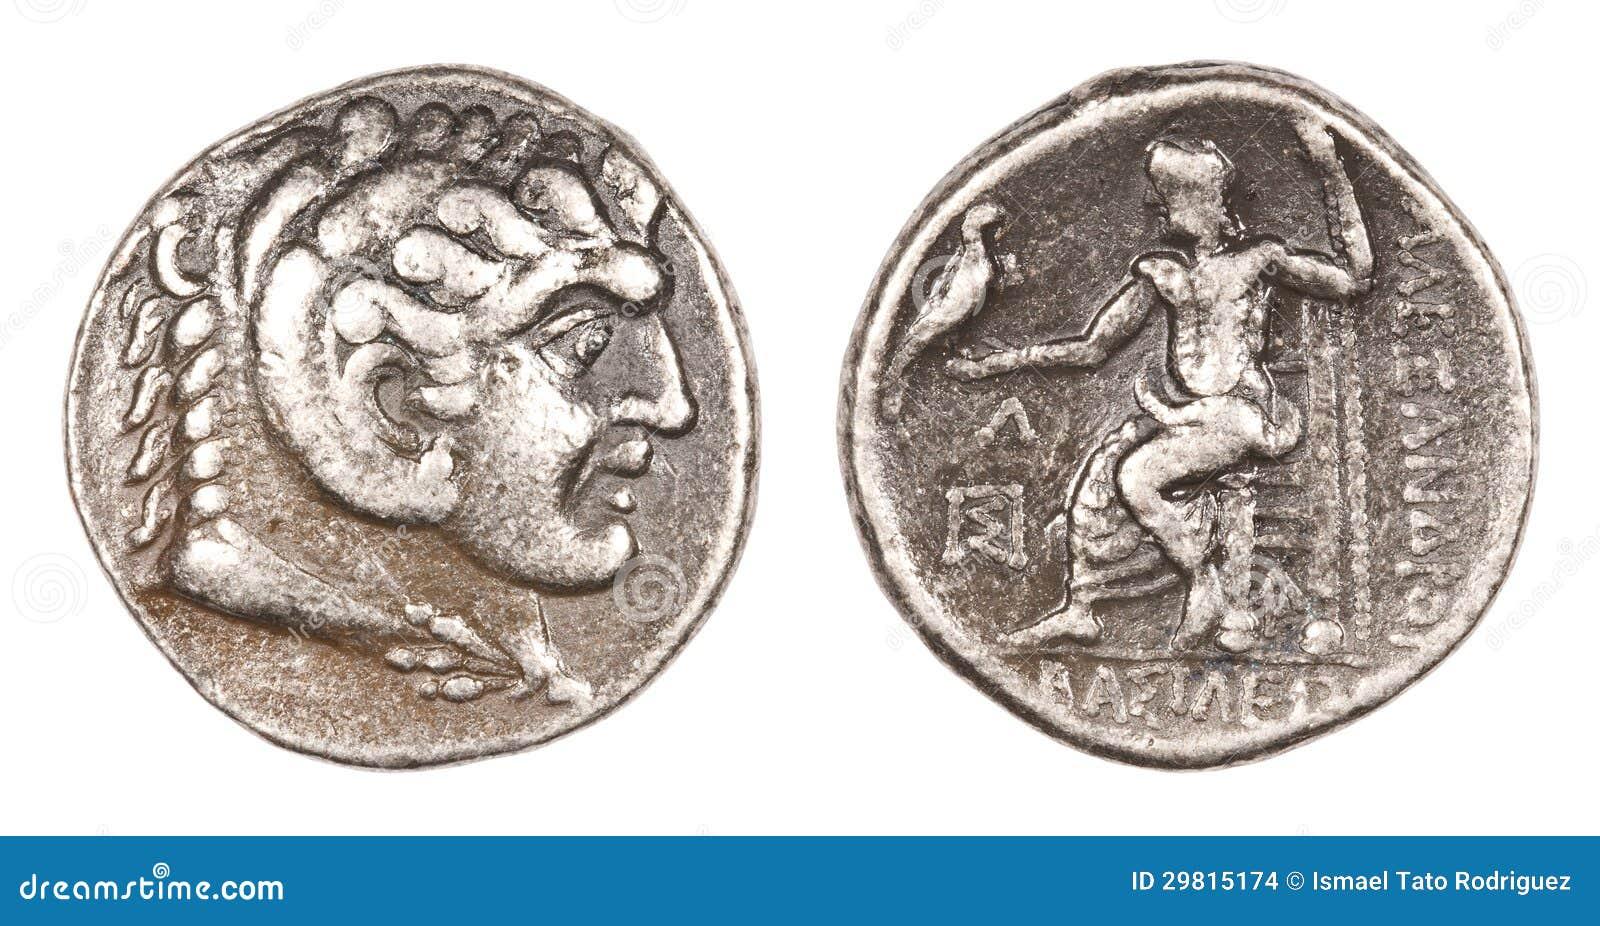 Alexander a grande moeda